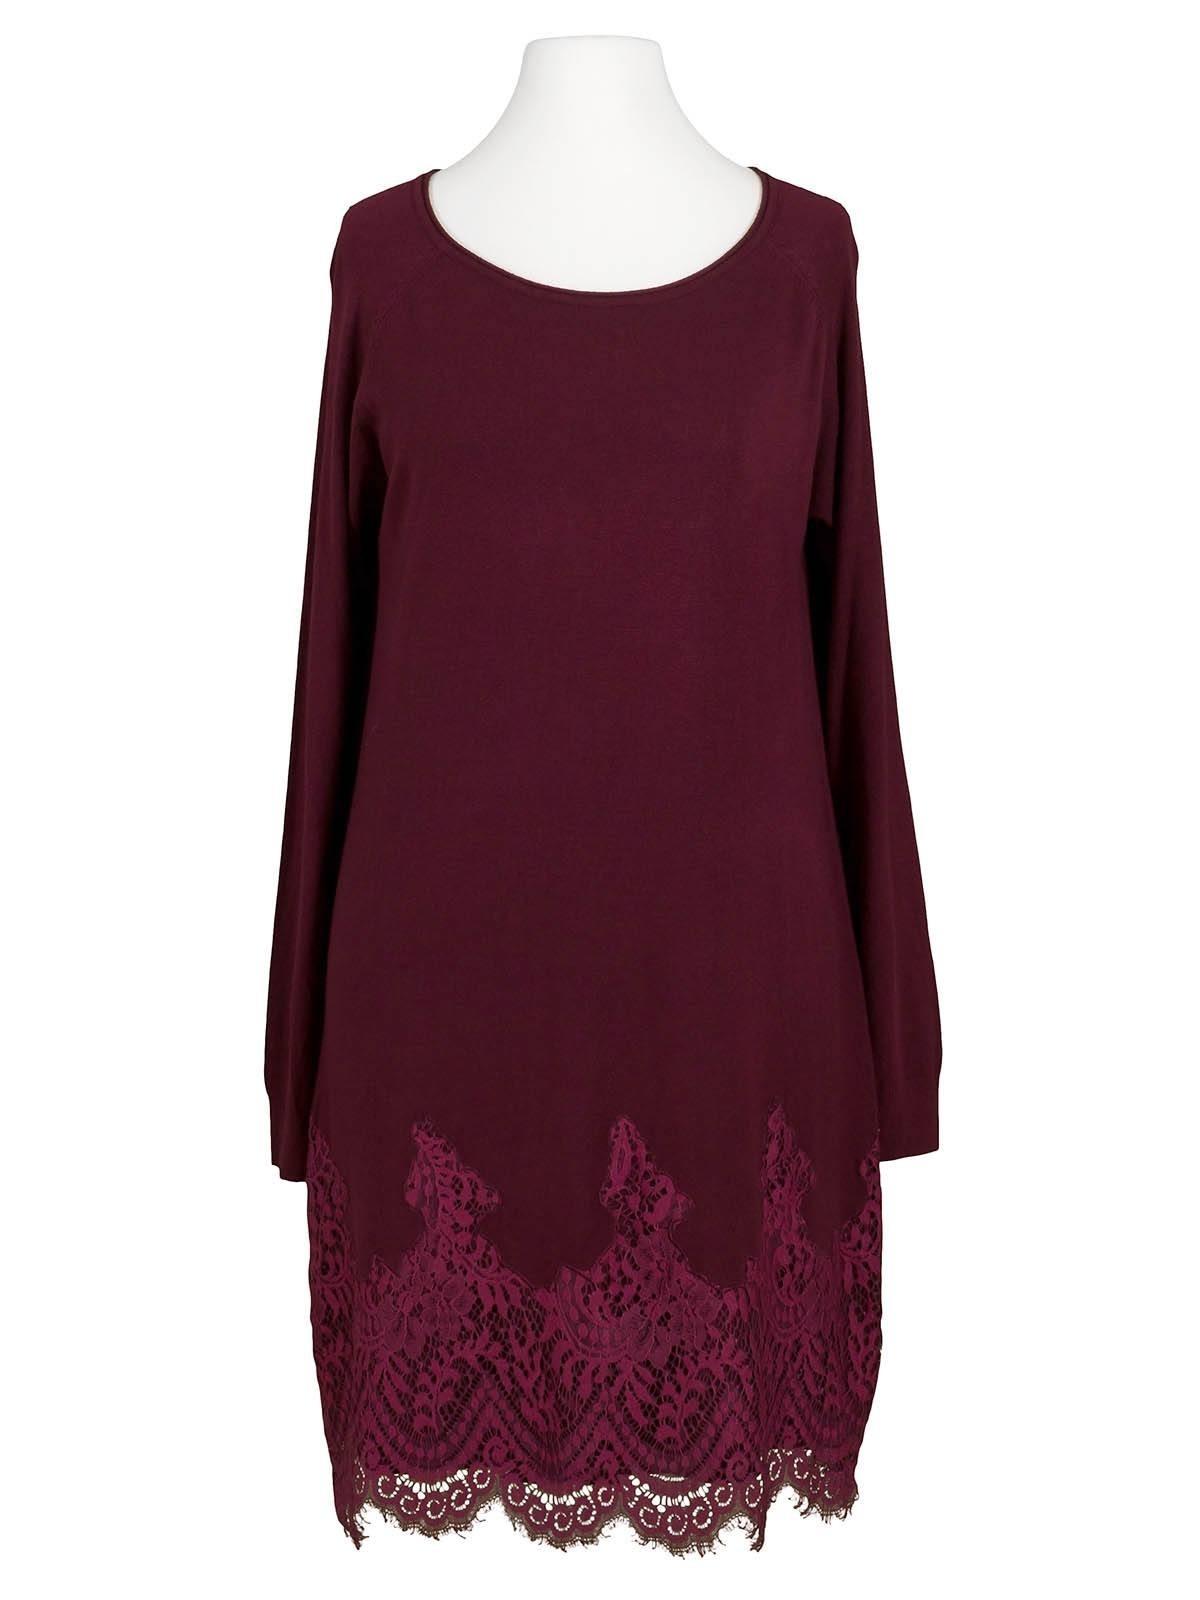 17 Fantastisch Bordeaux Kleid Spitze für 201913 Kreativ Bordeaux Kleid Spitze Galerie